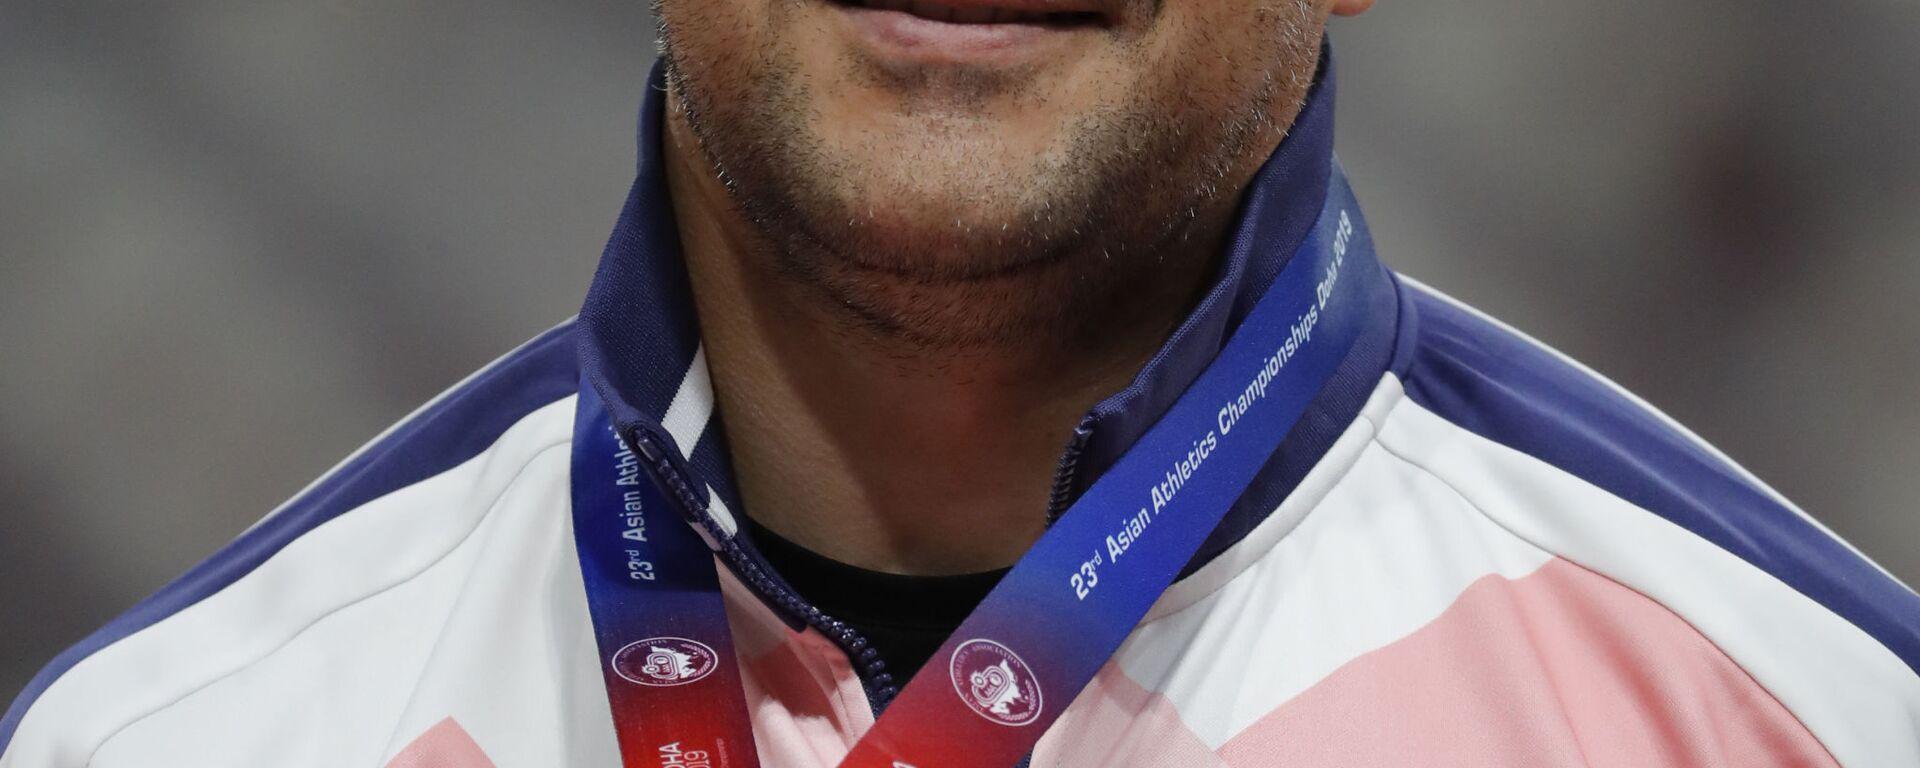 Дилшод Назаров из Таджикистана на чемпионате Азии по легкой атлетике в Дохе, Катар - Sputnik Тоҷикистон, 1920, 10.12.2019